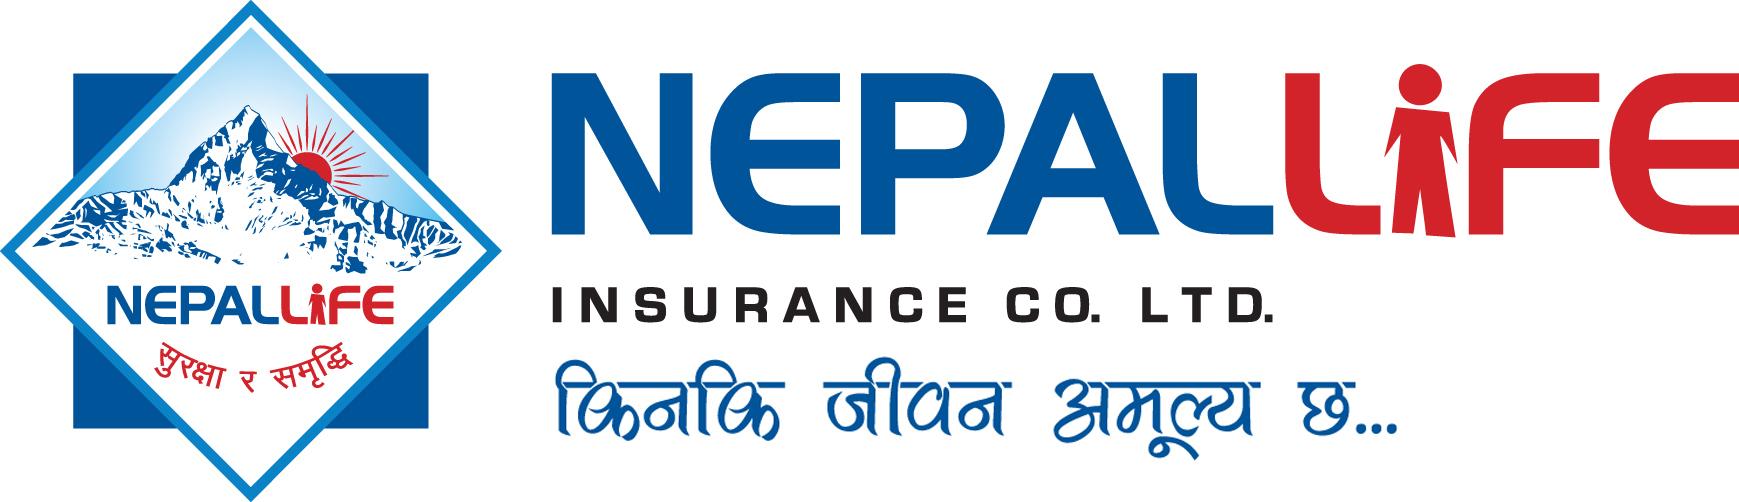 नेपाल लाईफ इन्सुरेन्स NLIC को प्रतिसेयर नेटवर्थ १२३.९२ रुपैयाँ ,प्रति शेयर आम्दानी कति जान्नु होस ?